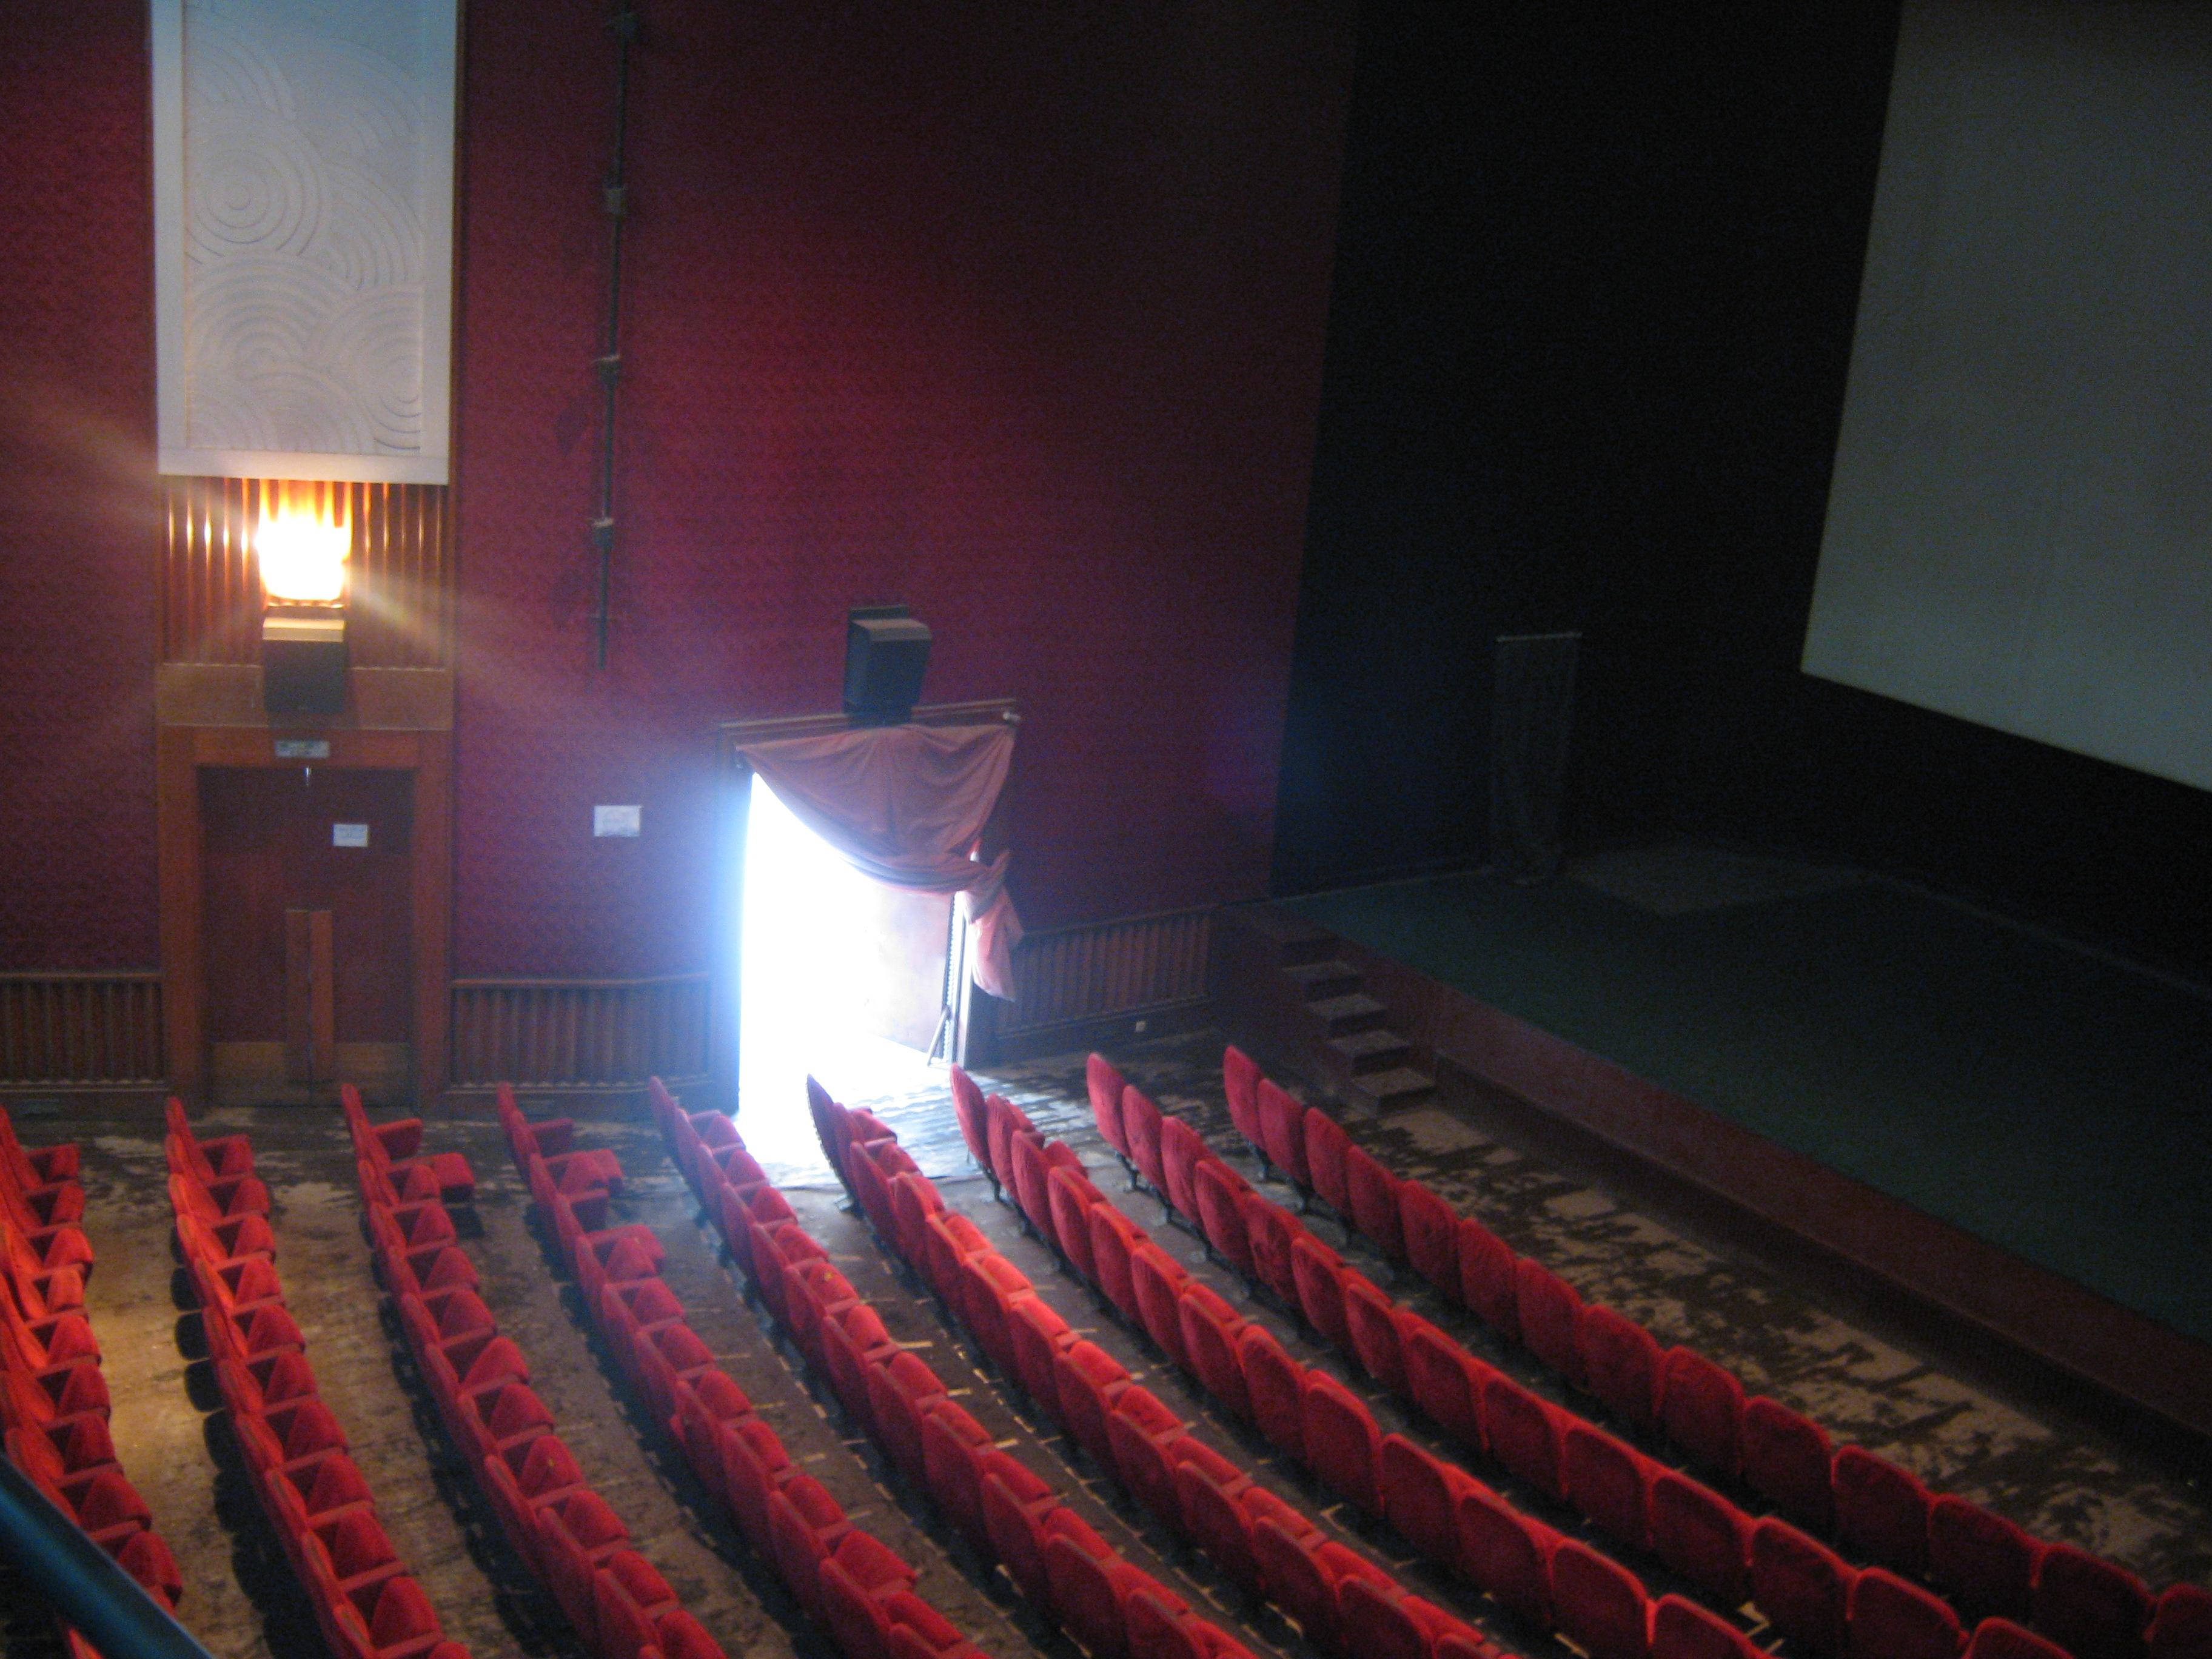 SR Theatre Cinema